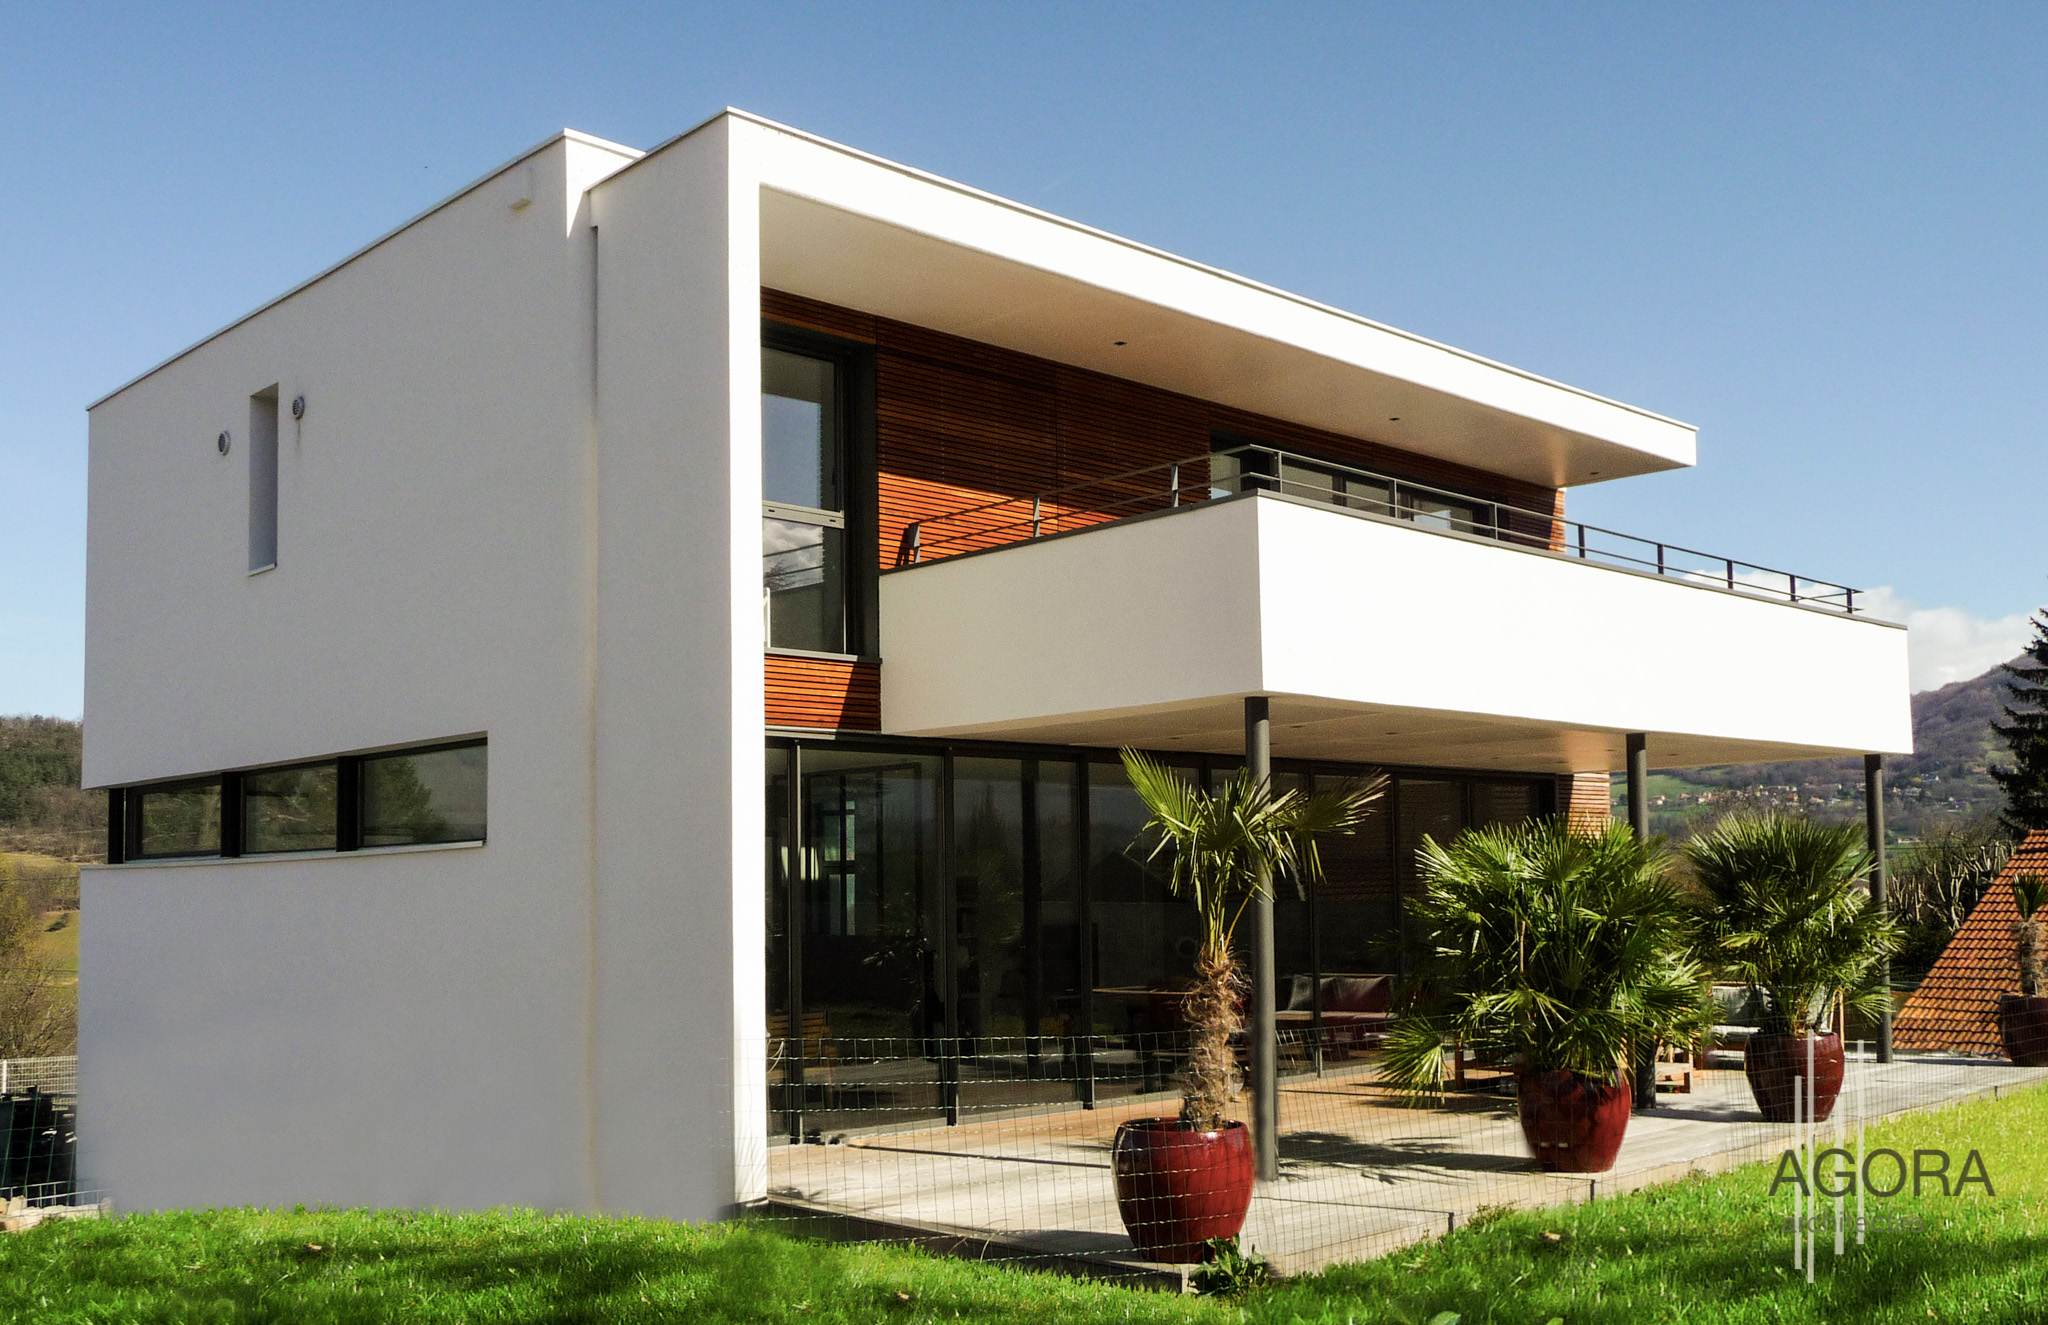 villa z brie et angonnes 38 agora architectes grenoble agora architectes grenoble. Black Bedroom Furniture Sets. Home Design Ideas